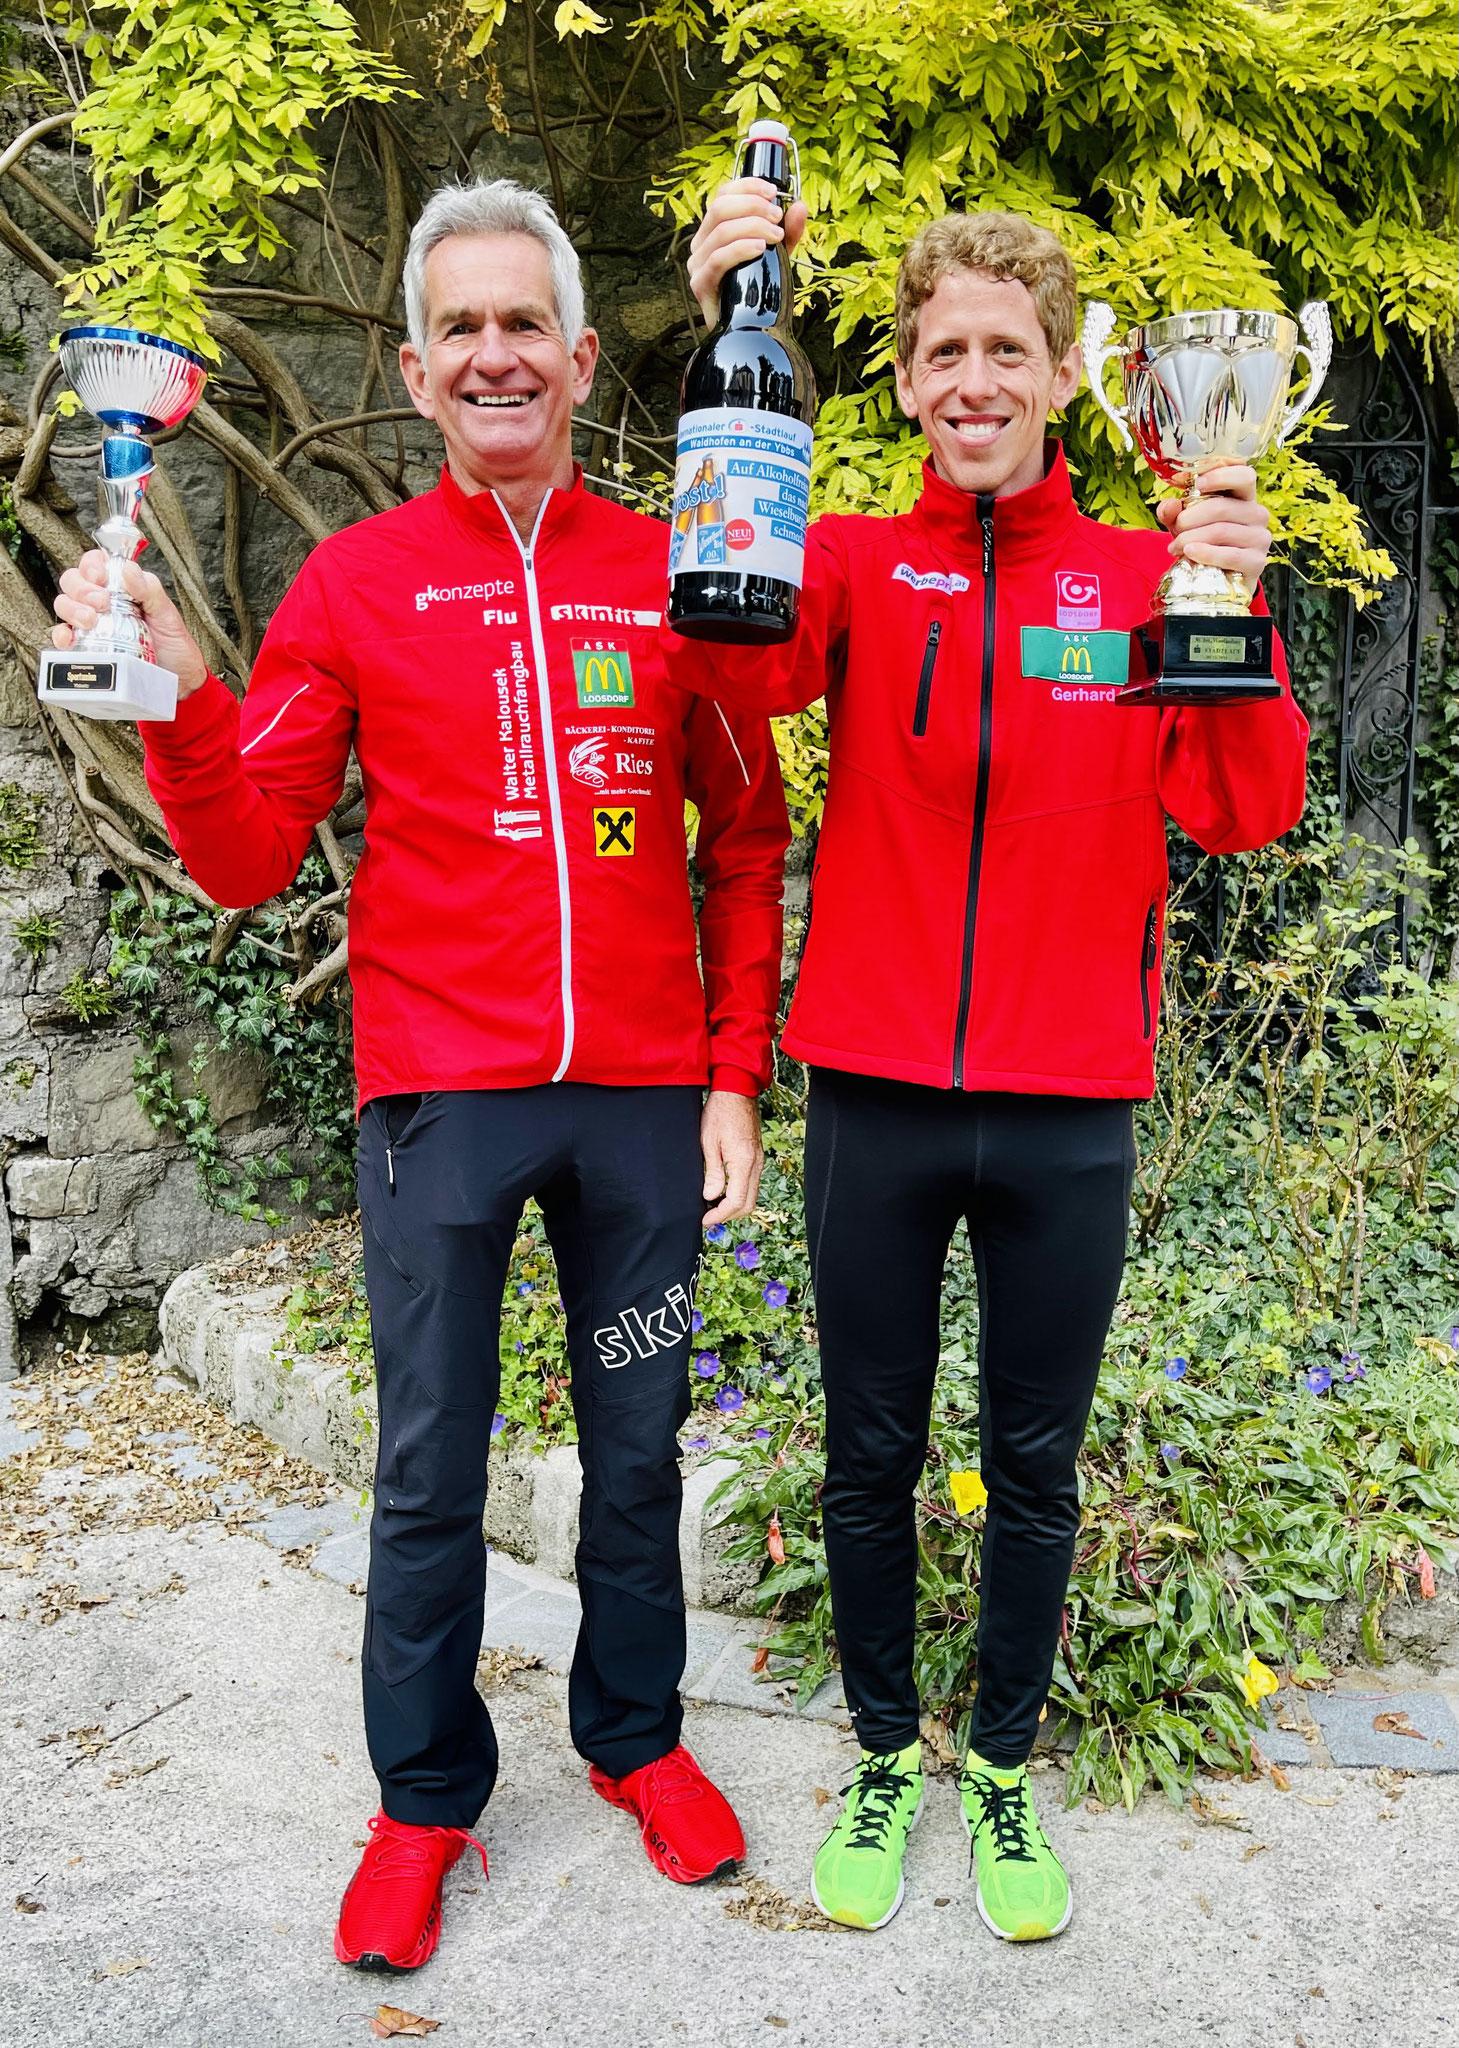 Gesamt Dritter Gerhard mit Ernst, der holt den zweiten Platz in AK60!